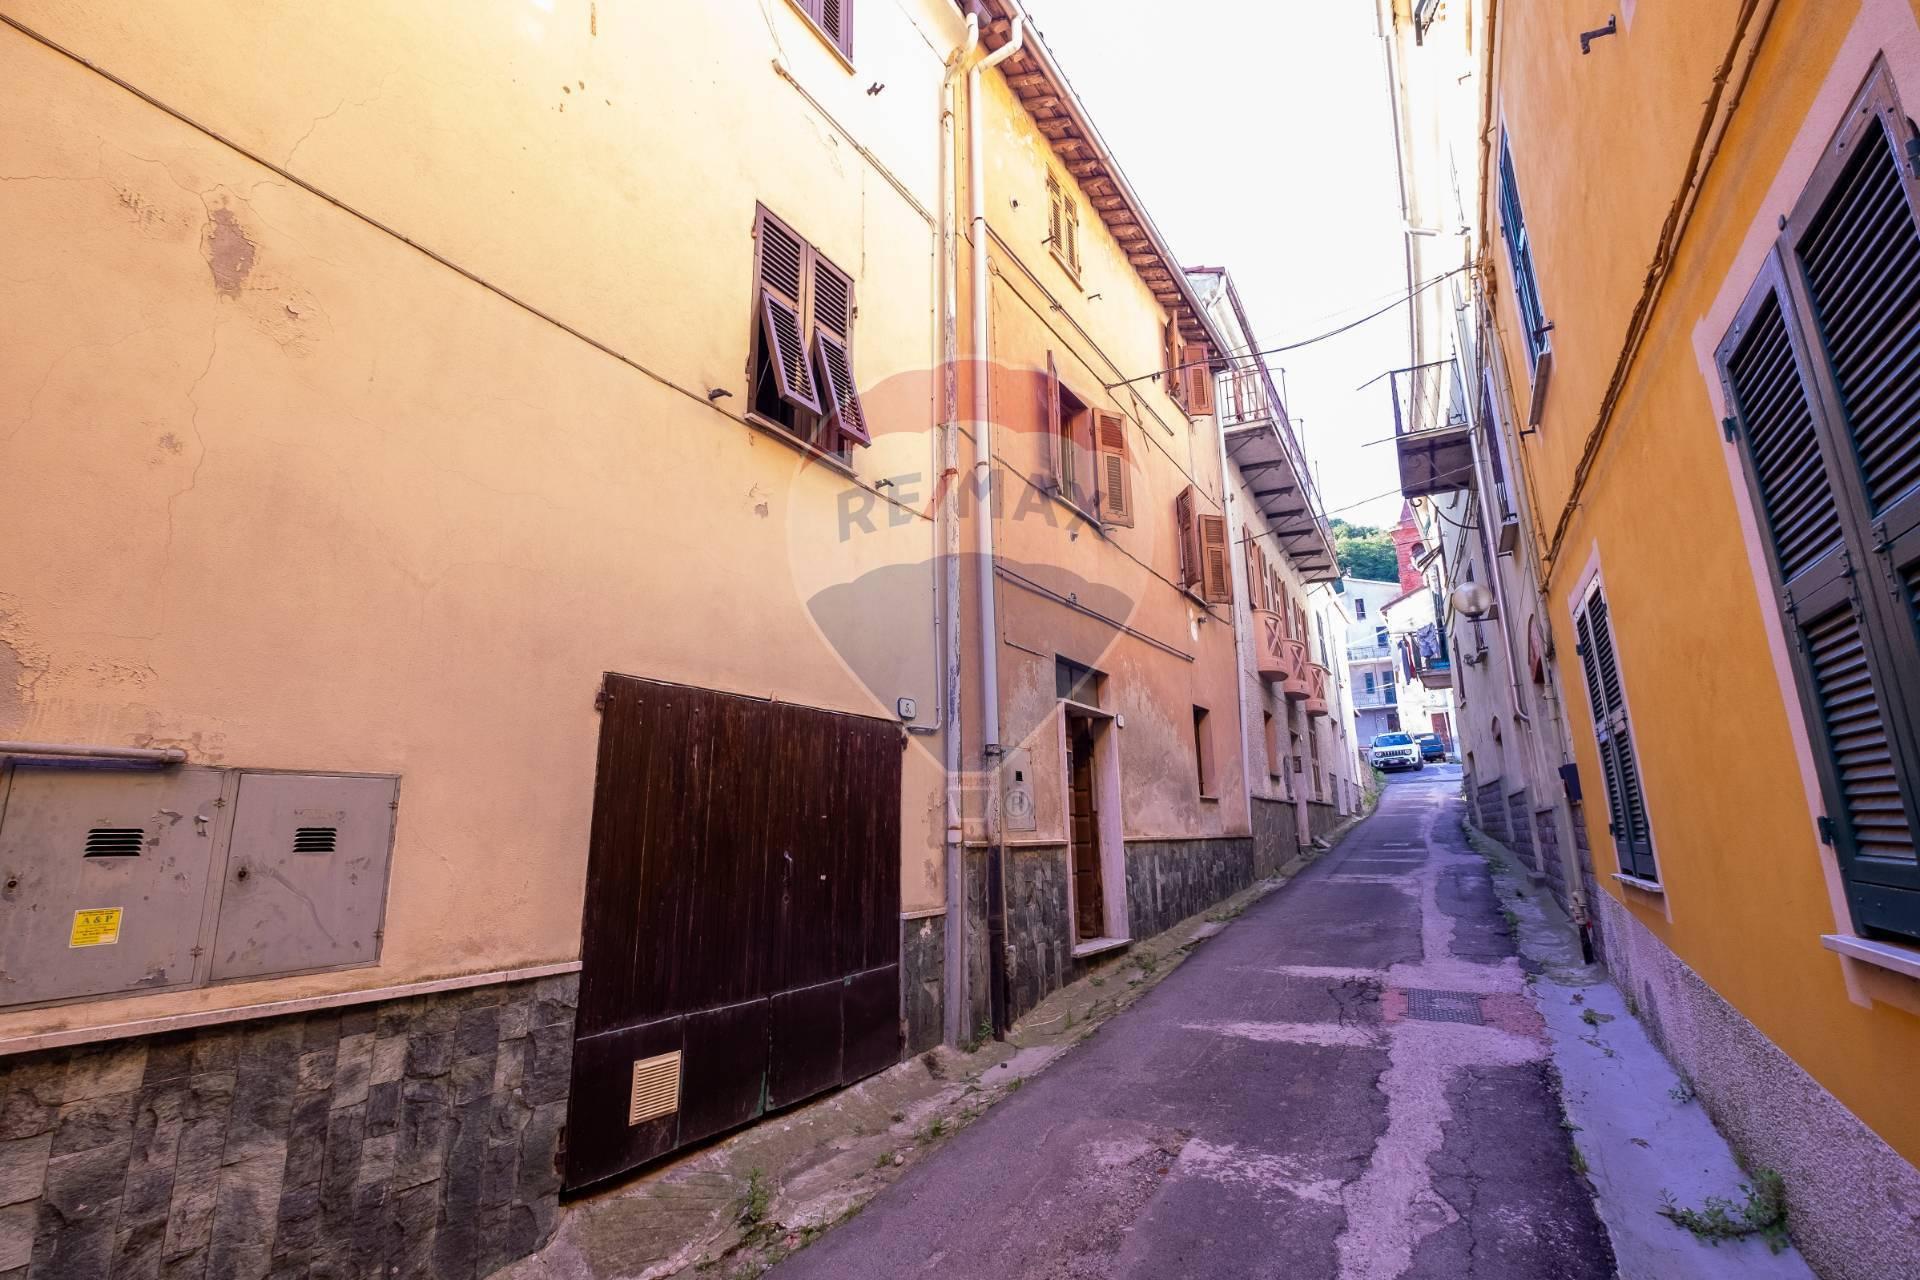 Soluzione Semindipendente in vendita a Altare, 9 locali, prezzo € 38.000 | CambioCasa.it